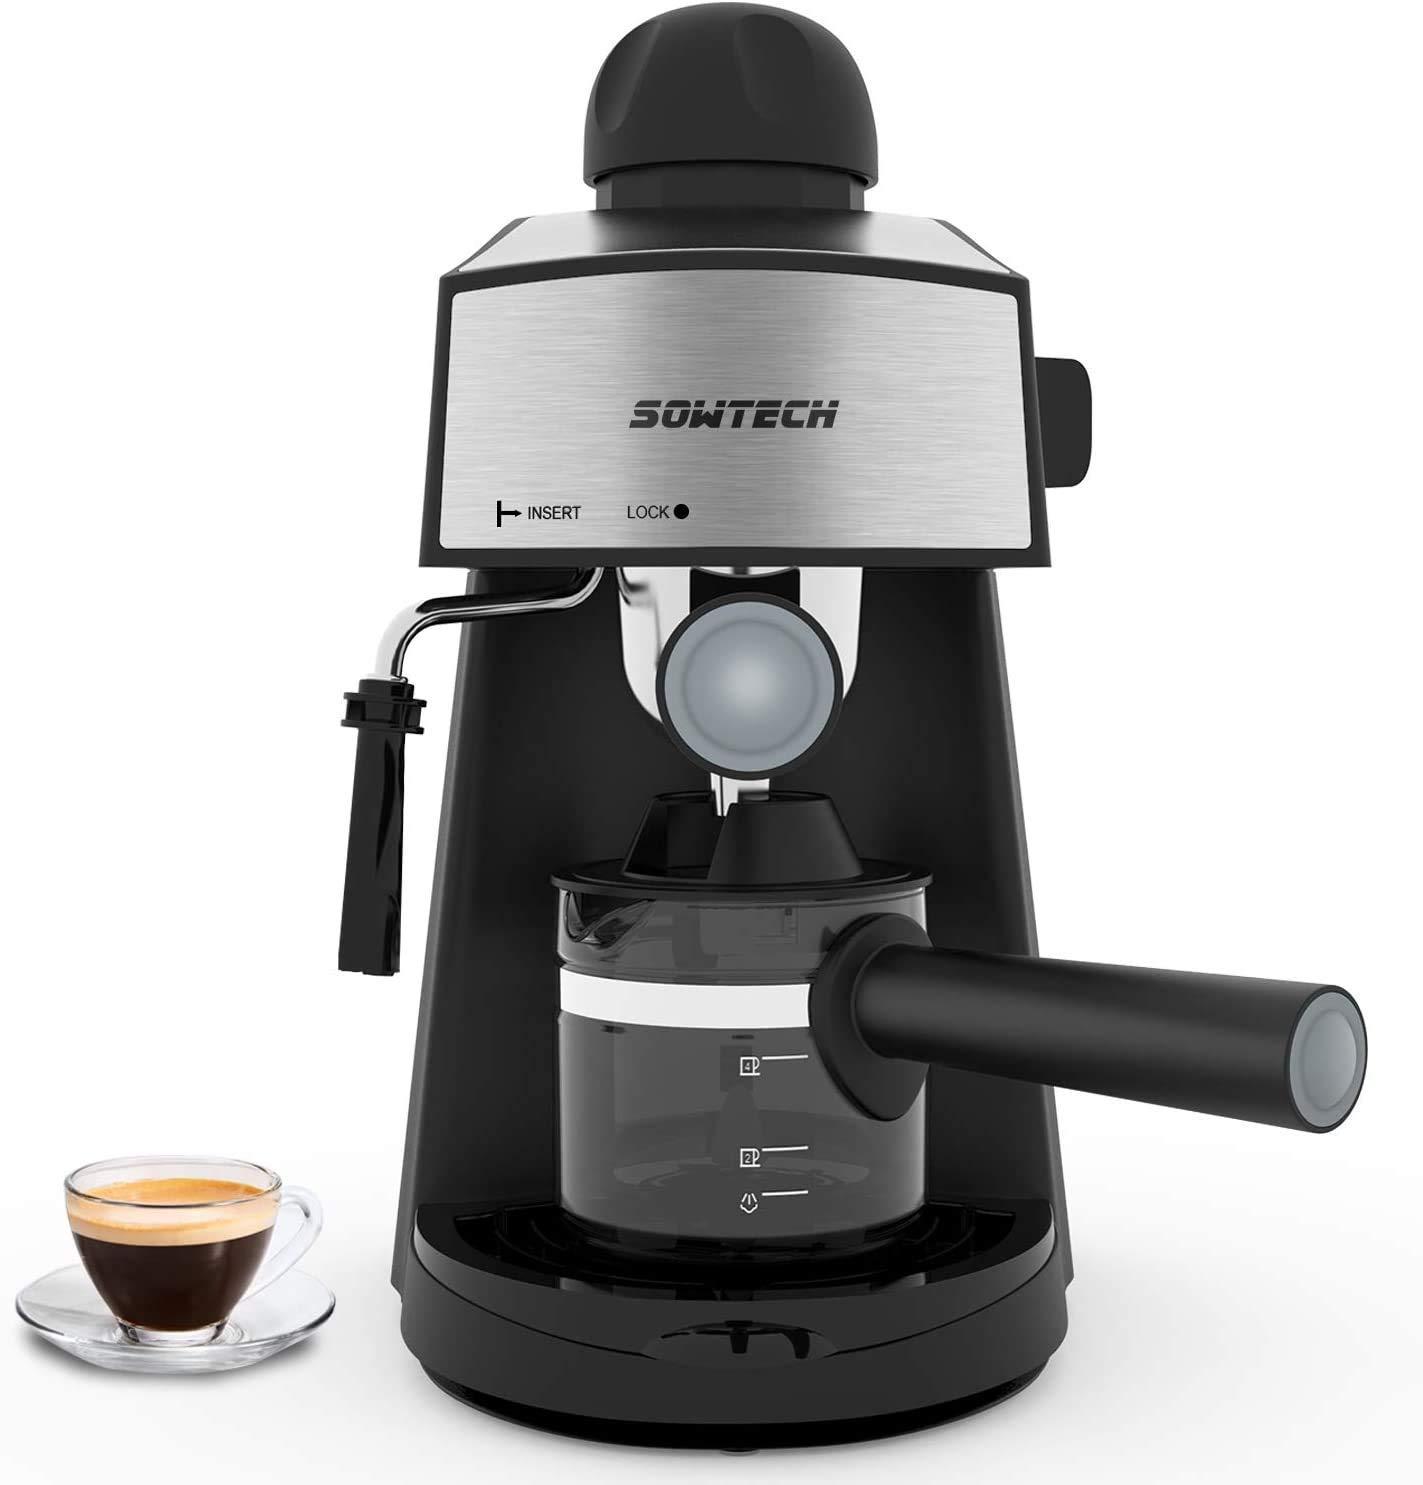 SOWTECH Steam Espresso Machine